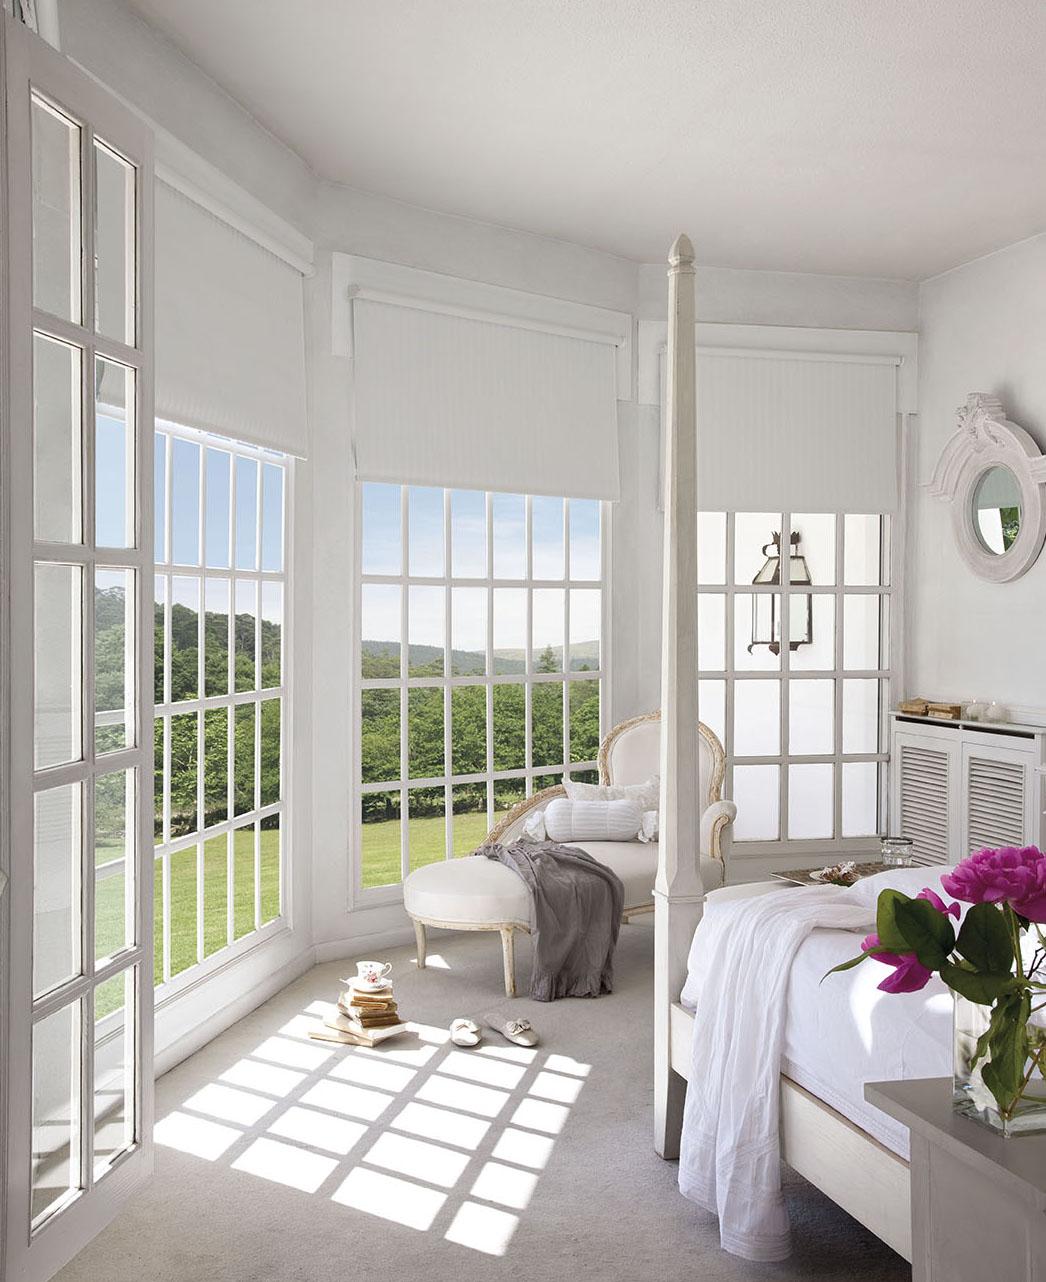 00302850. Dormitorio principal en blanco con chaise longue y ventanales al jardín_00302850